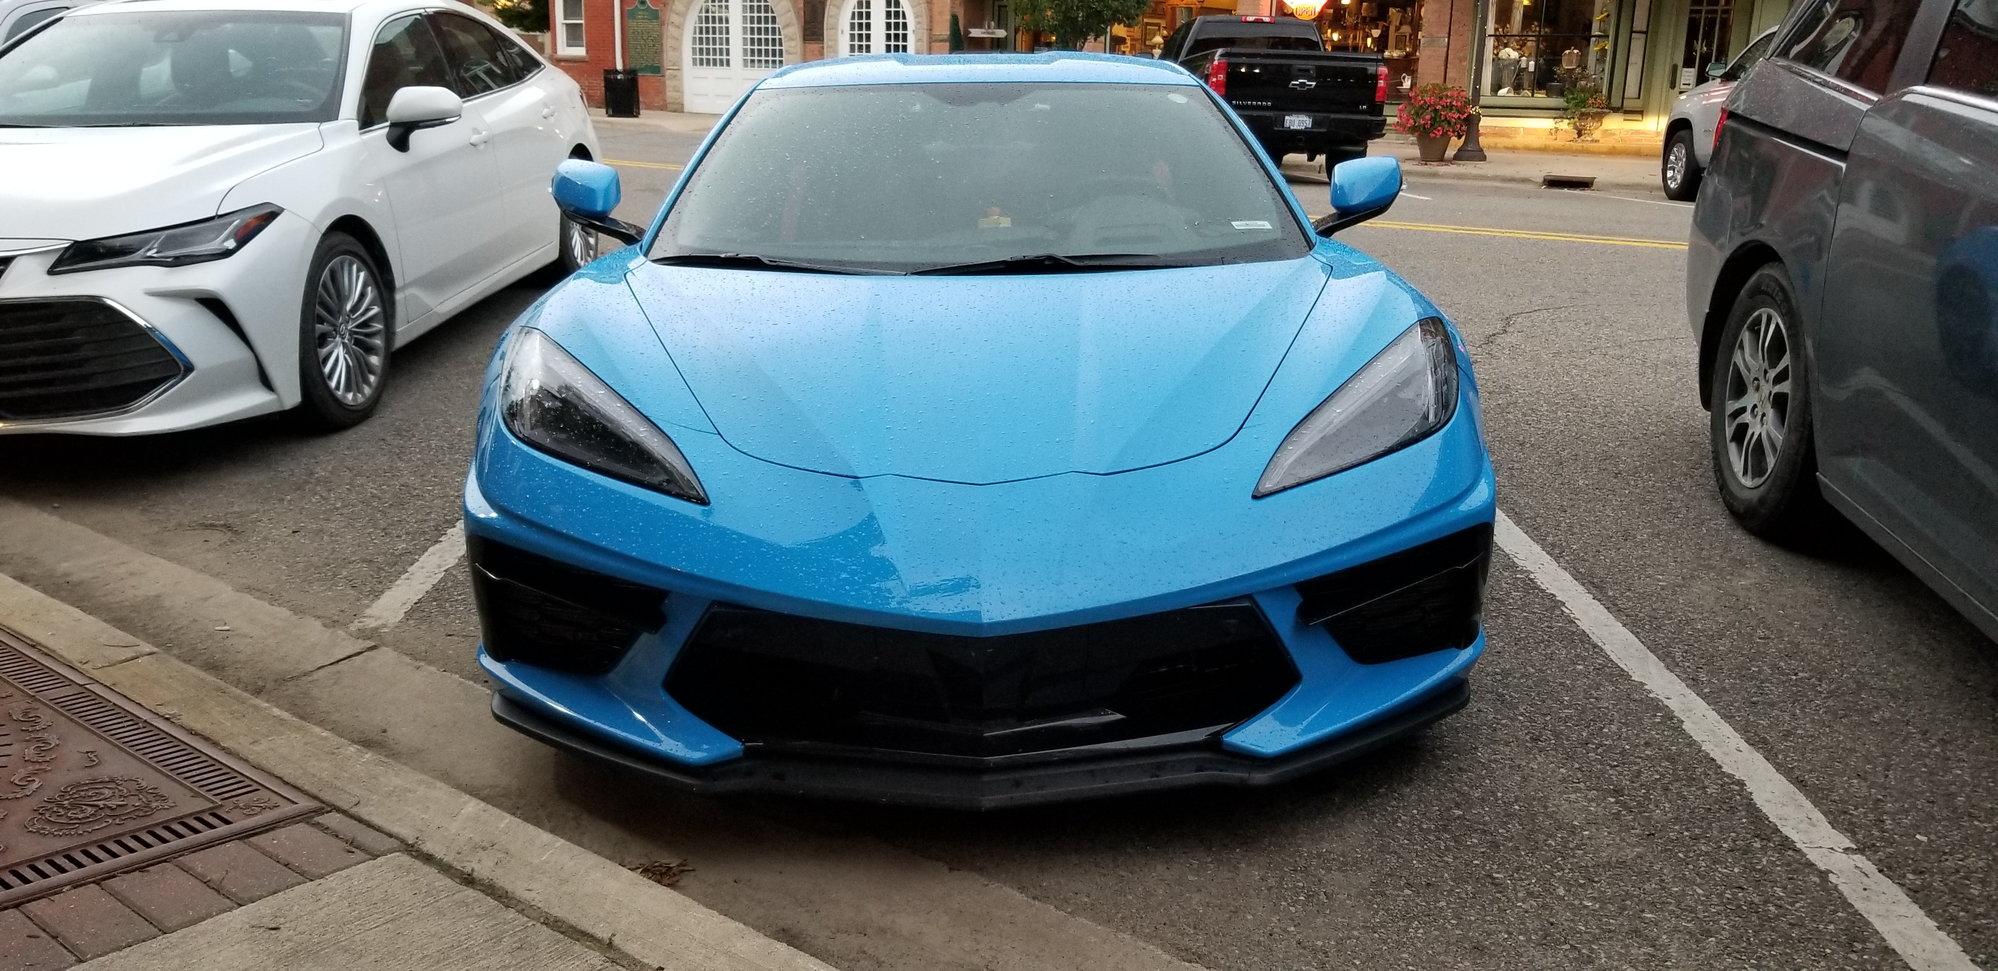 Rapid Blue pics - CorvetteForum - Chevrolet Corvette Forum ...